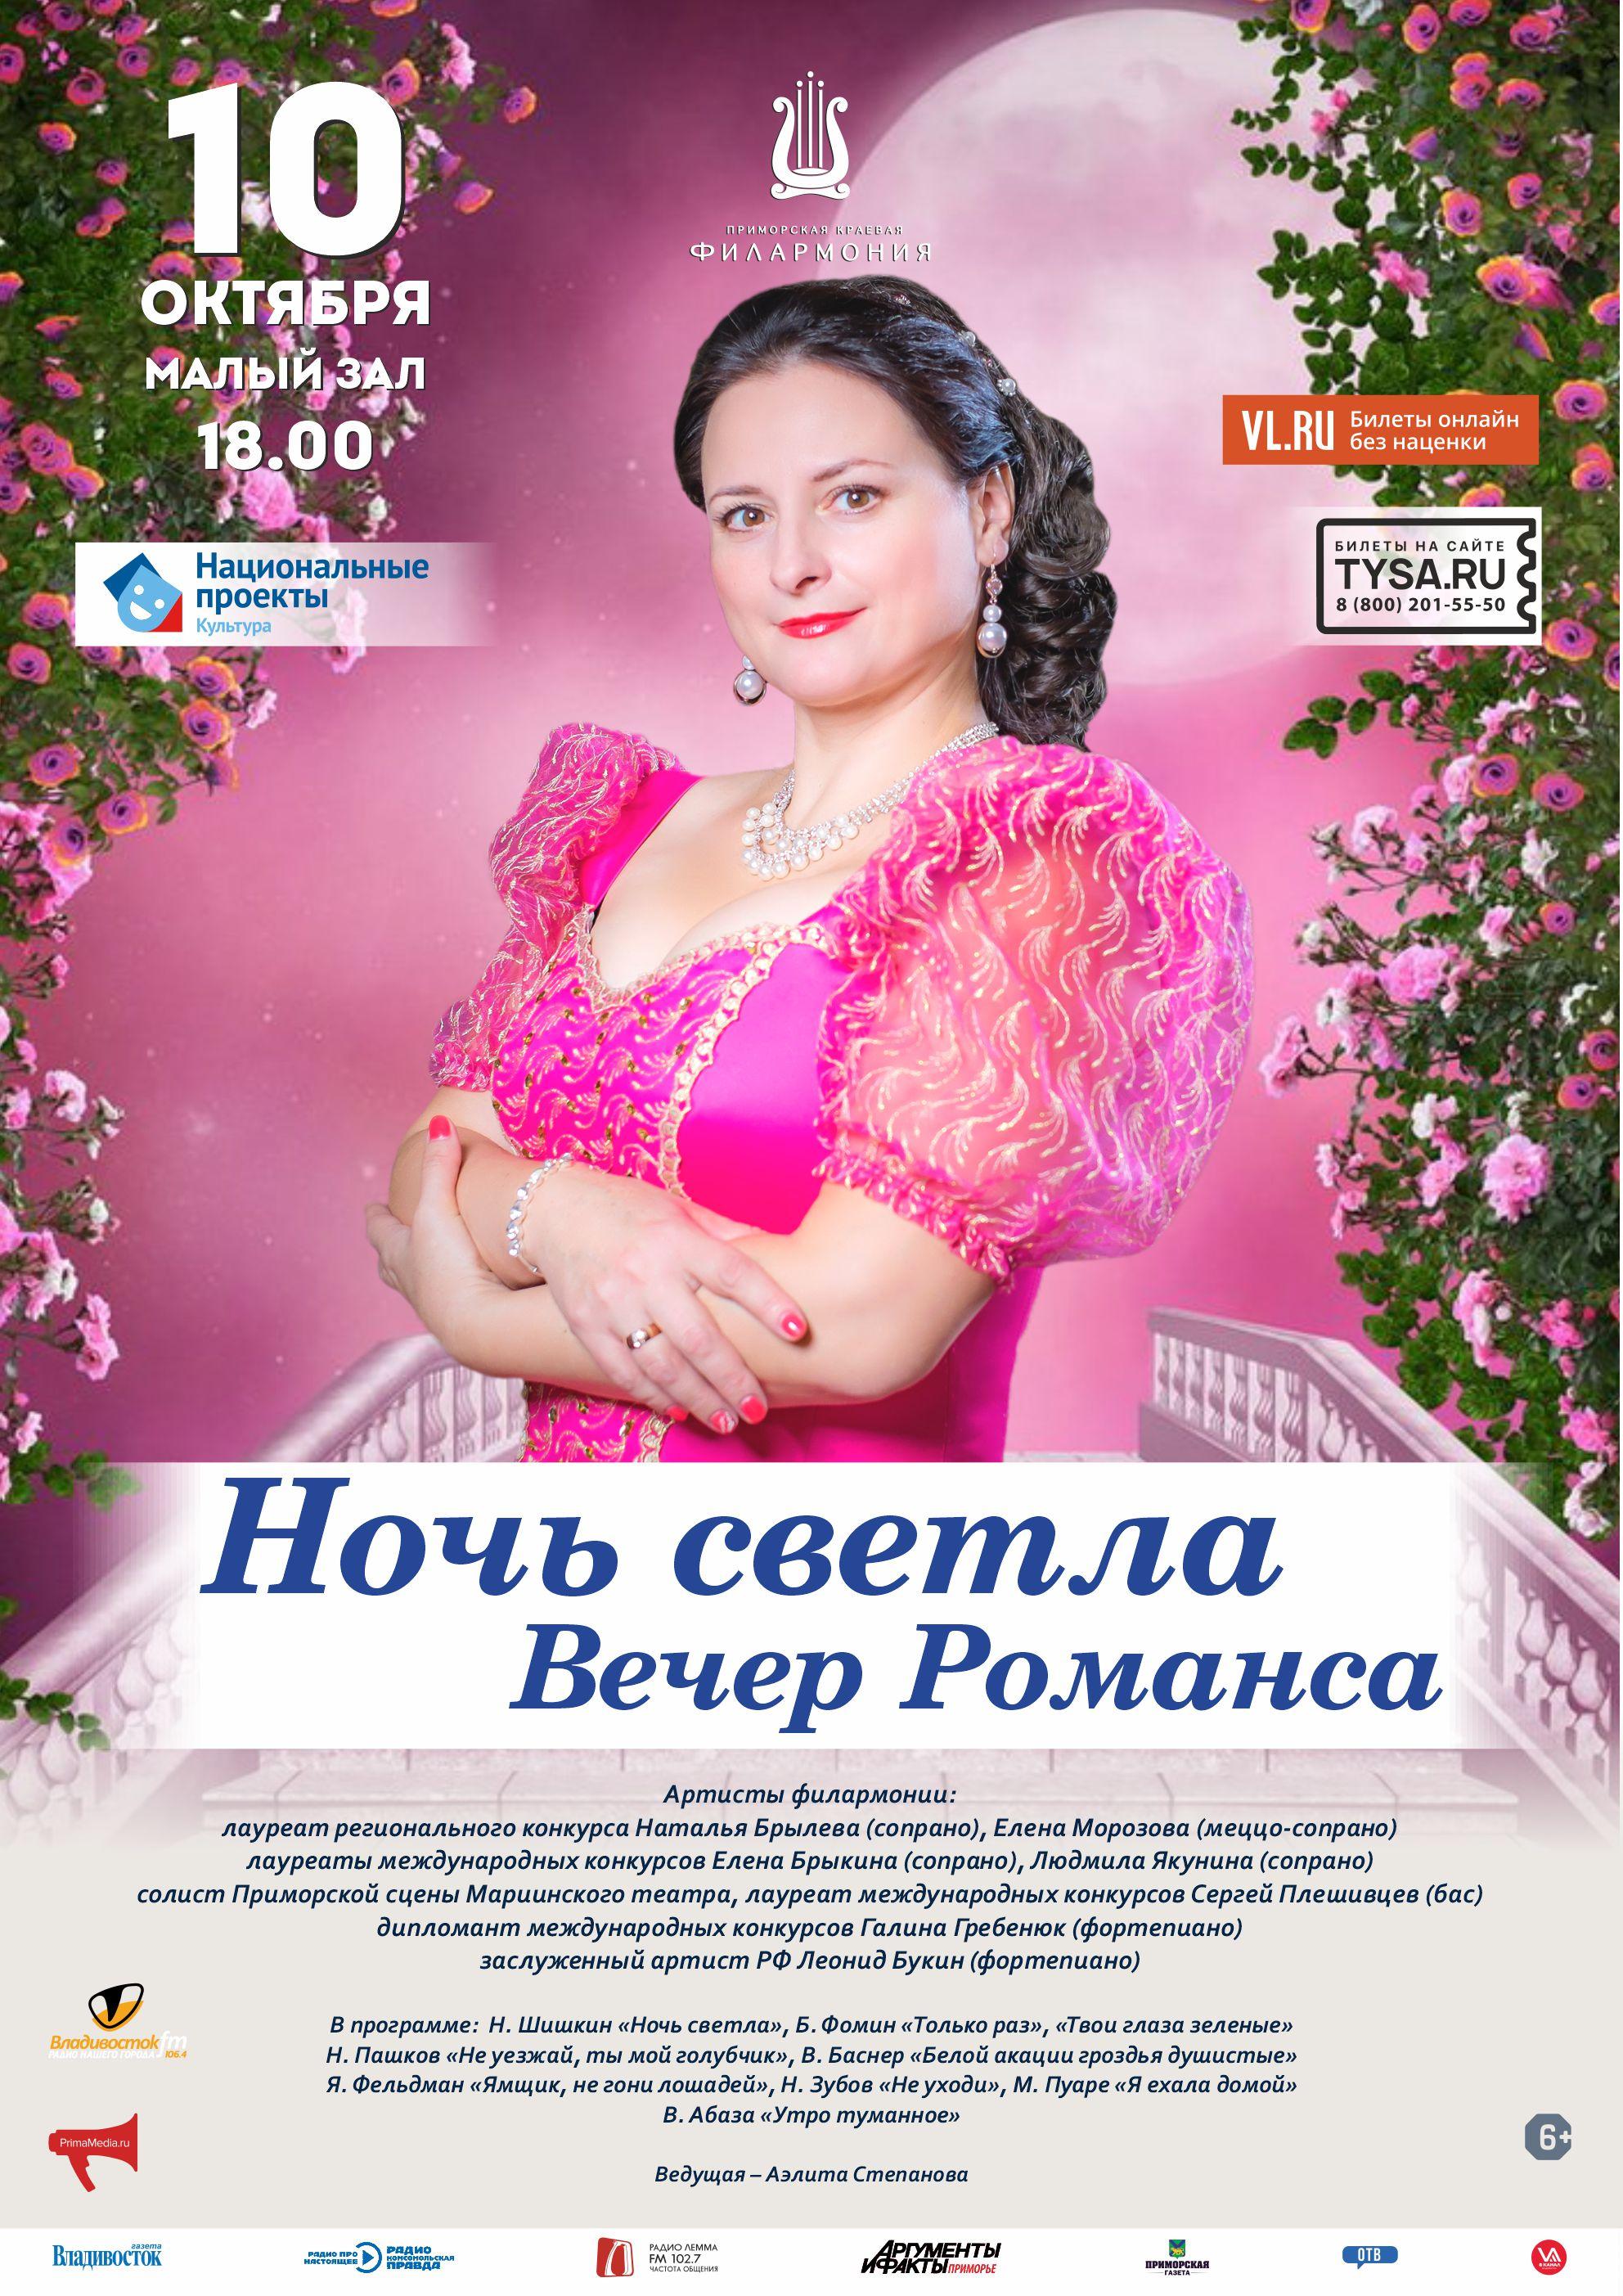 10 октябряКонцертная программа «Ночь светла. Вечер Романса»